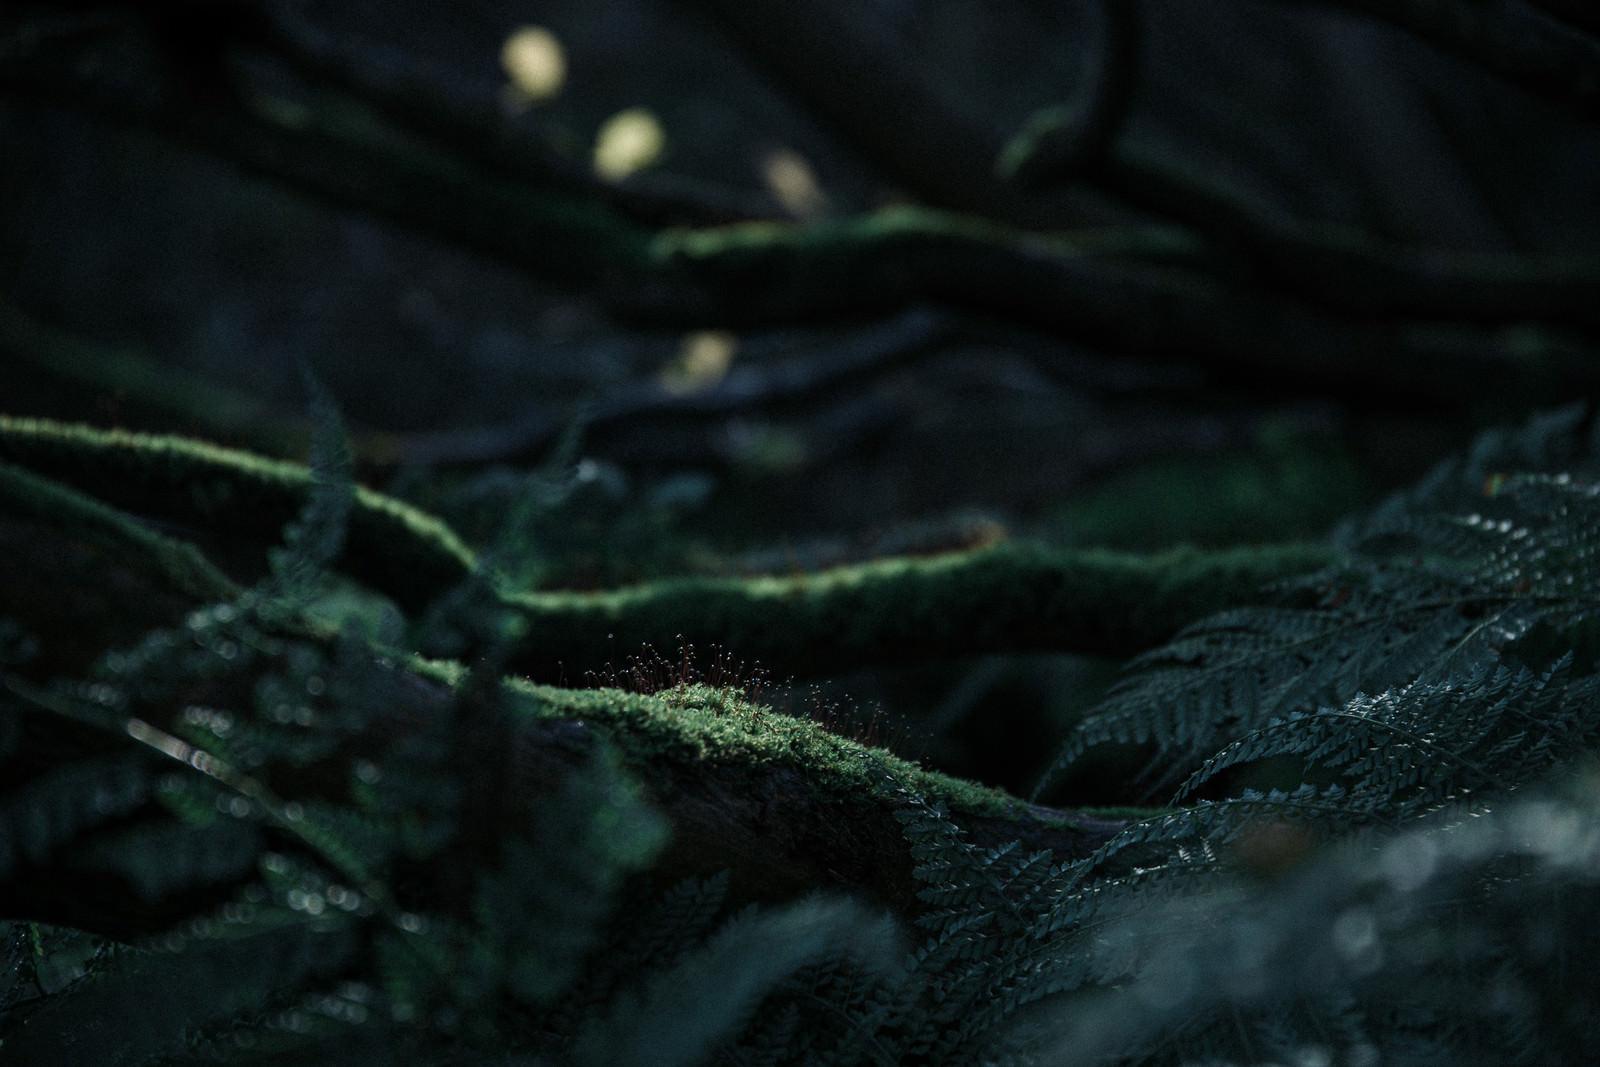 「光が差し込む小さな植物」の写真